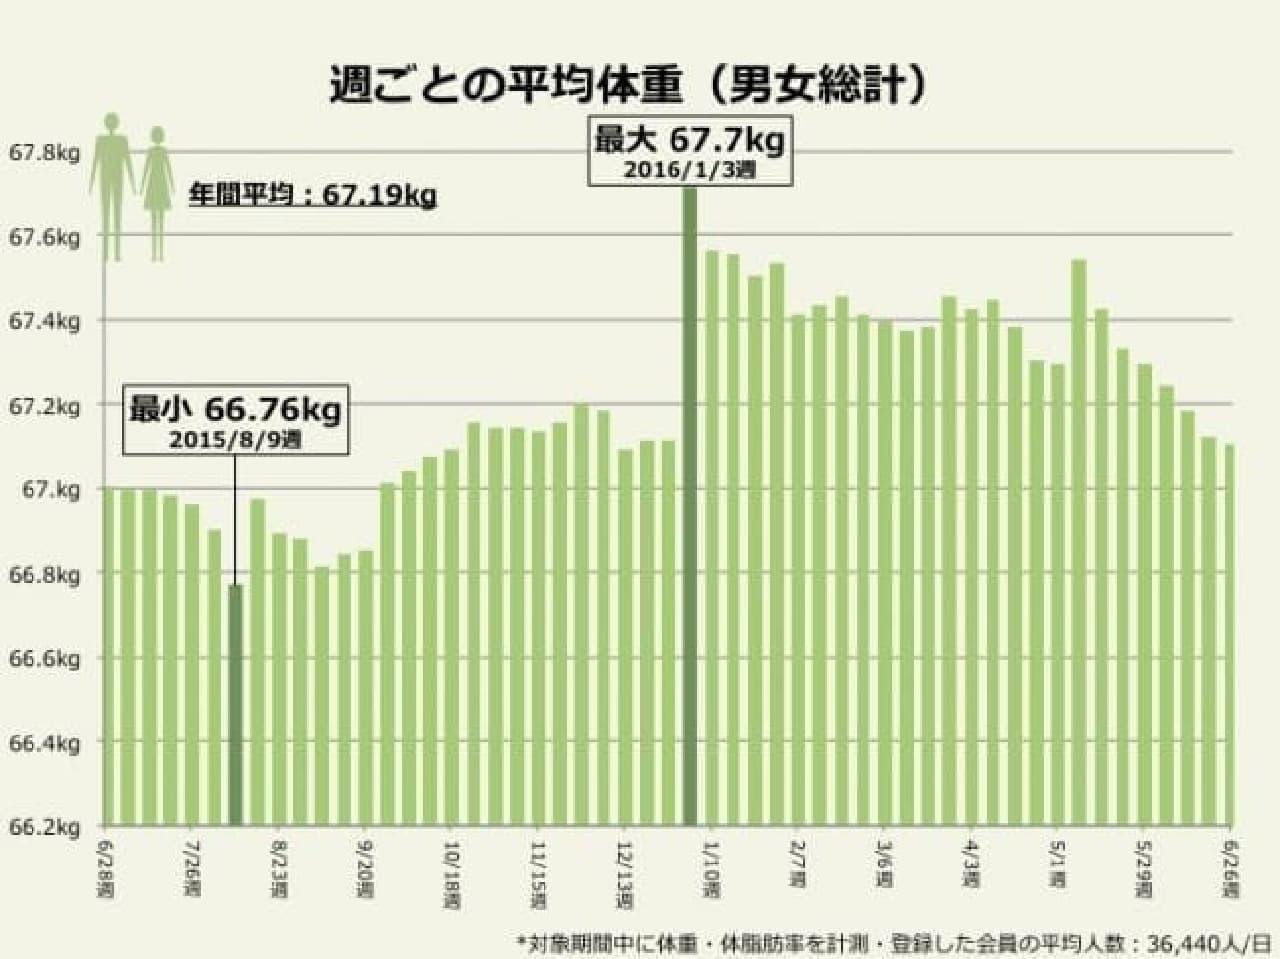 ドコモ・ヘルスケア「週ごとの平均体重」(男女総計)